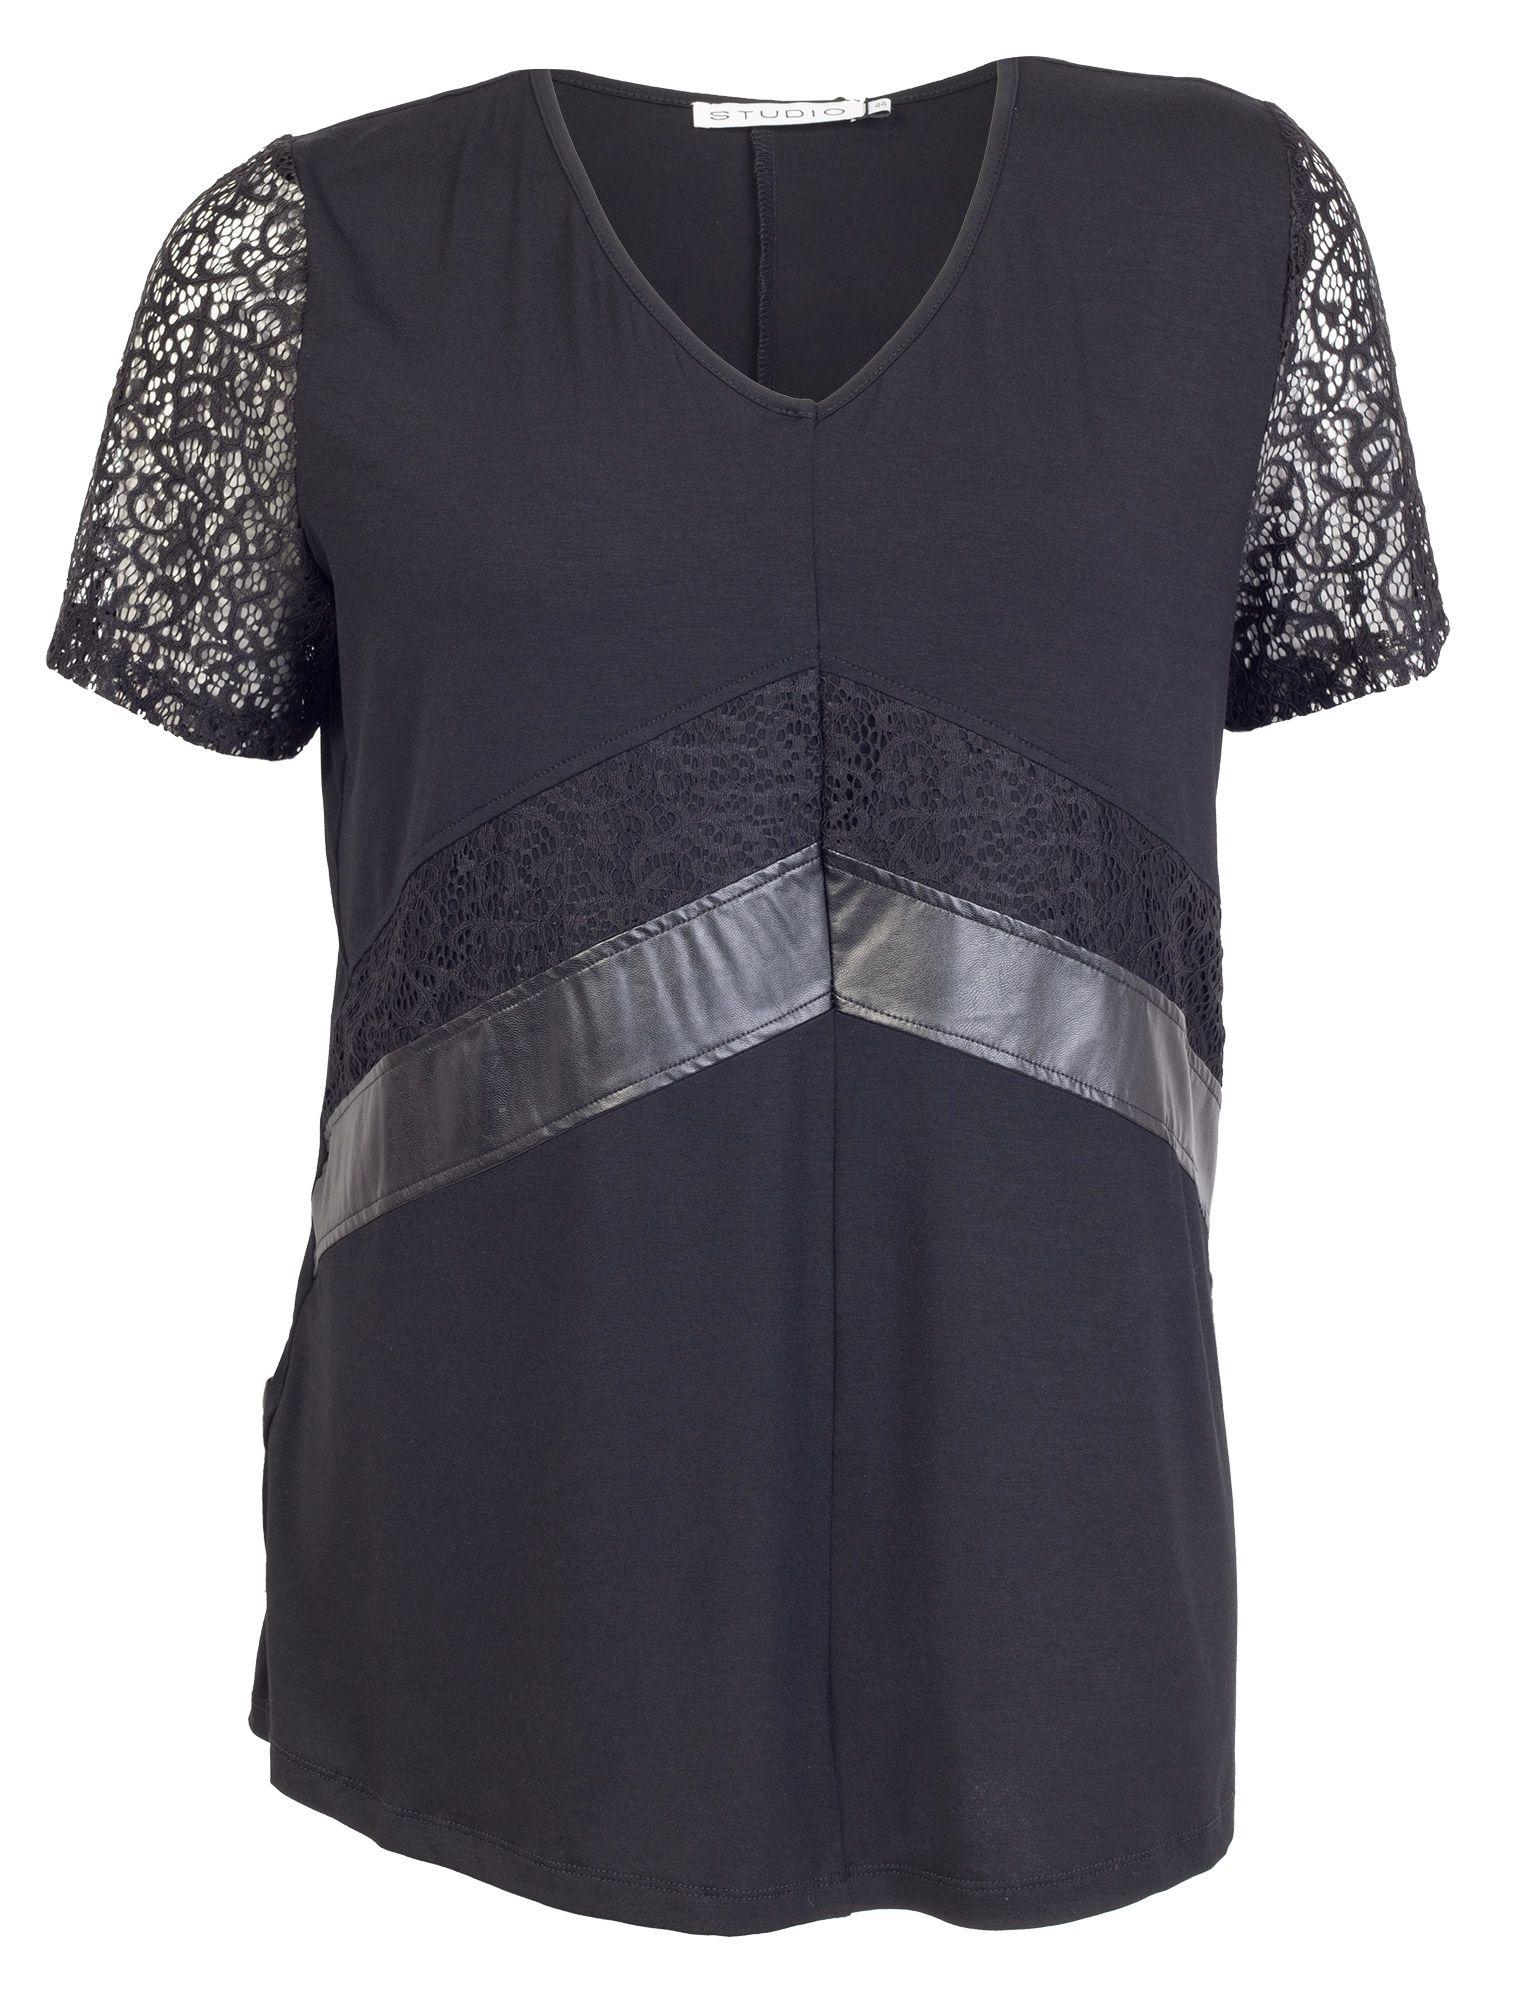 Super cool Sort bluse med blonder og imiteret skind Studio Modetøj til Damer i behagelige materialer